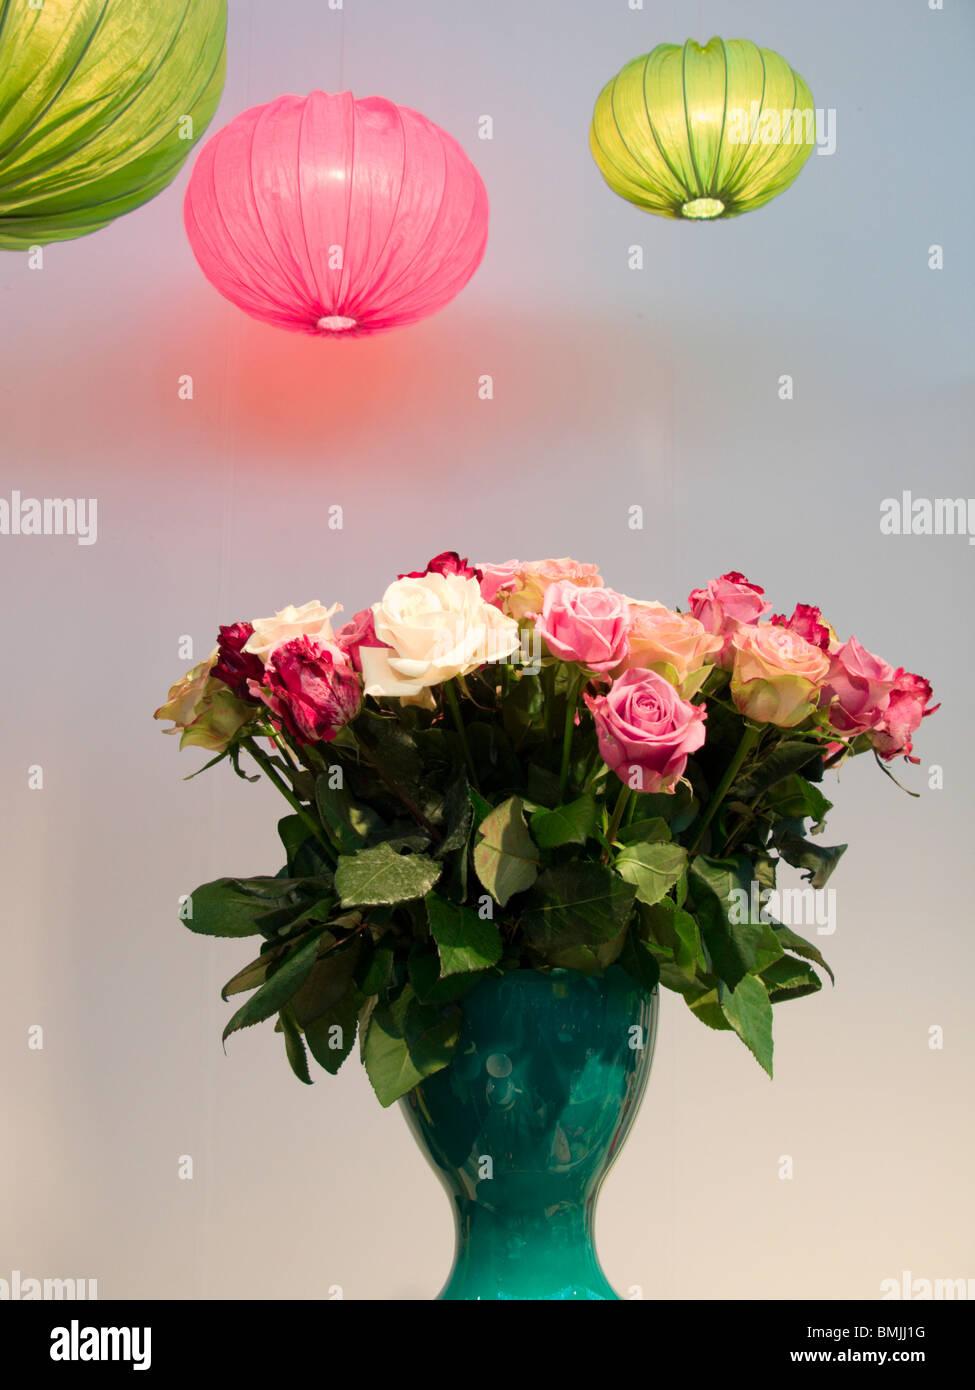 Di colore rosa e verde lampade a soffitto e rose in un vaso, Svezia. Immagini Stock